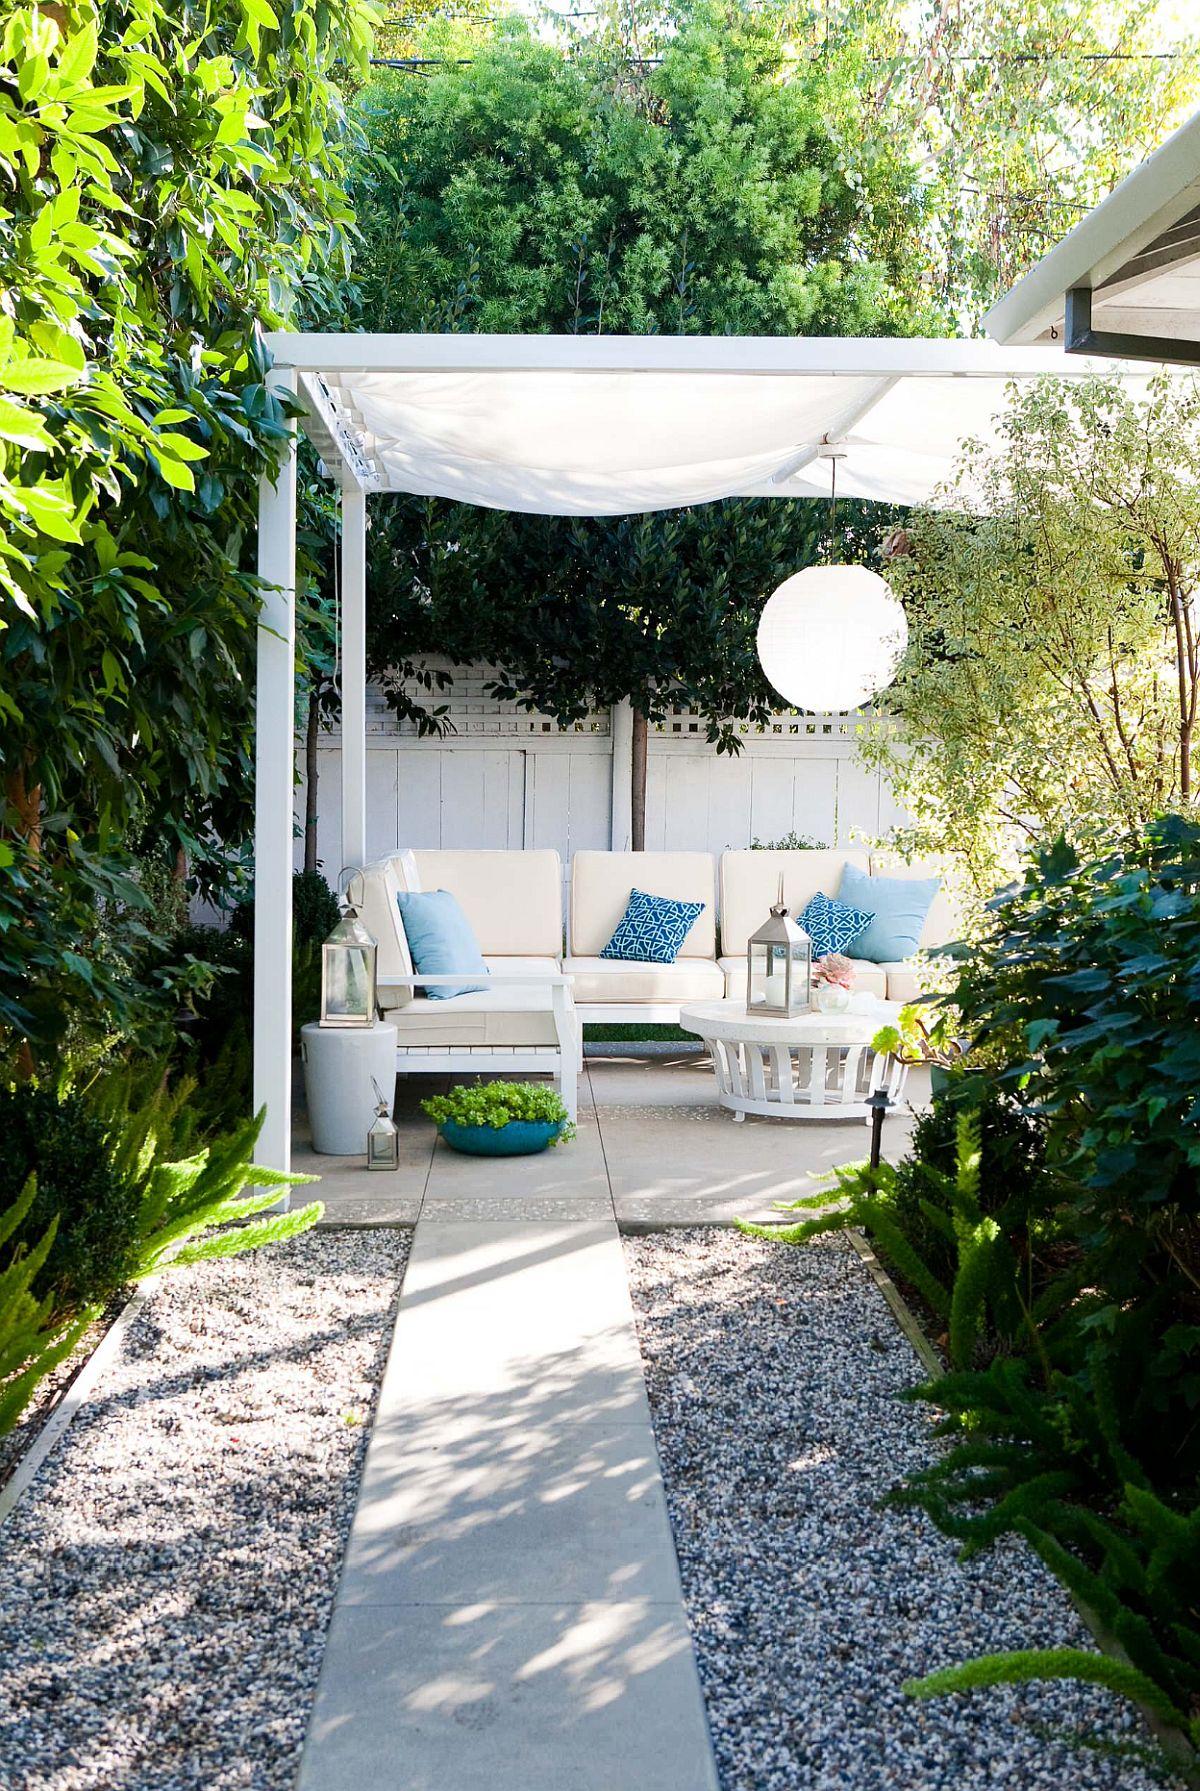 Locul de relaxare este marcat la rândul lui cu o construcție ușoară din lemn pentru umbrire, totul gândit și în relație cu interiorul casei. Astfel, construcția asigură protecție împotriva soarelui în zona de canapele, dar nu umbrește ferestrele casei pentru a obtura lumina naturală ce pătrunde prin ele la interior.